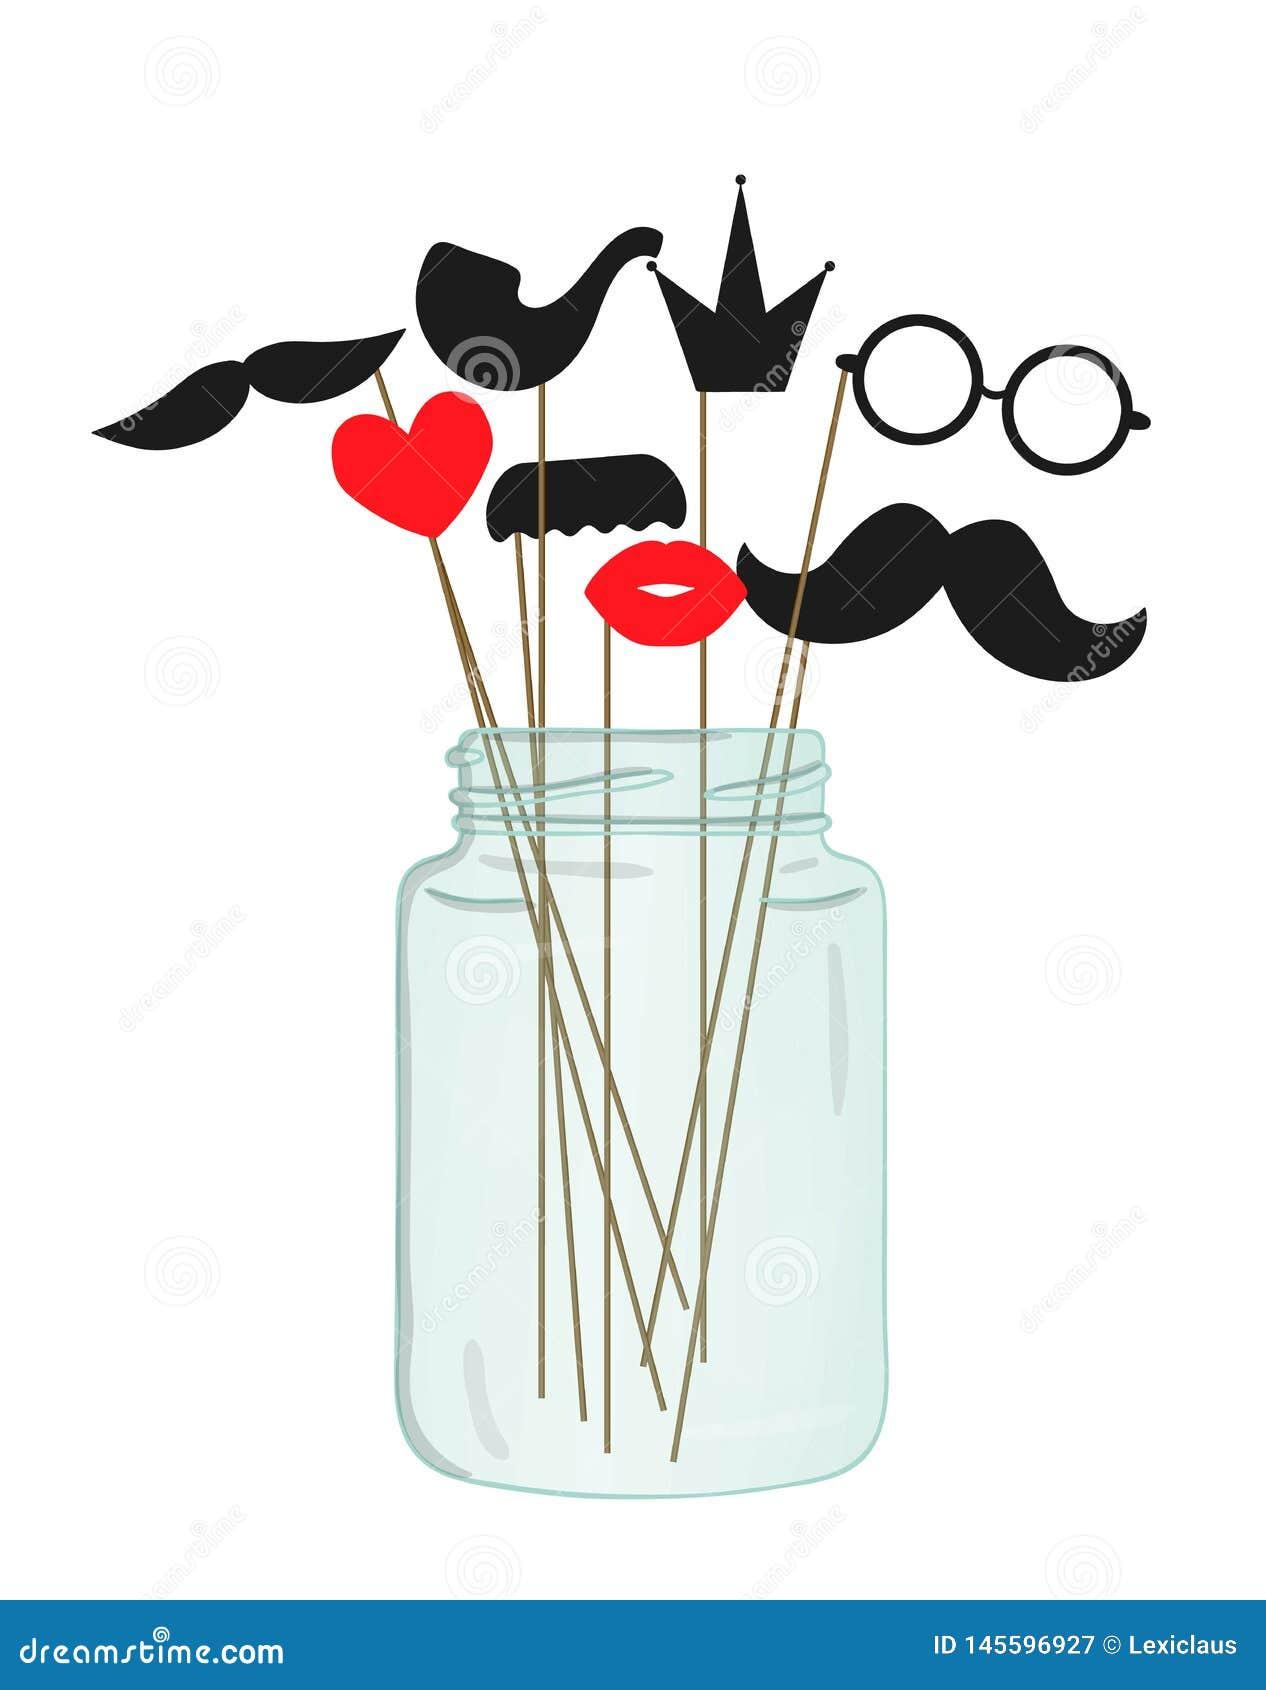 Illustration de vecteur de moustache, verres, lèvres, coeur, couronne, tuyau sur le bâton dans un pot en verre